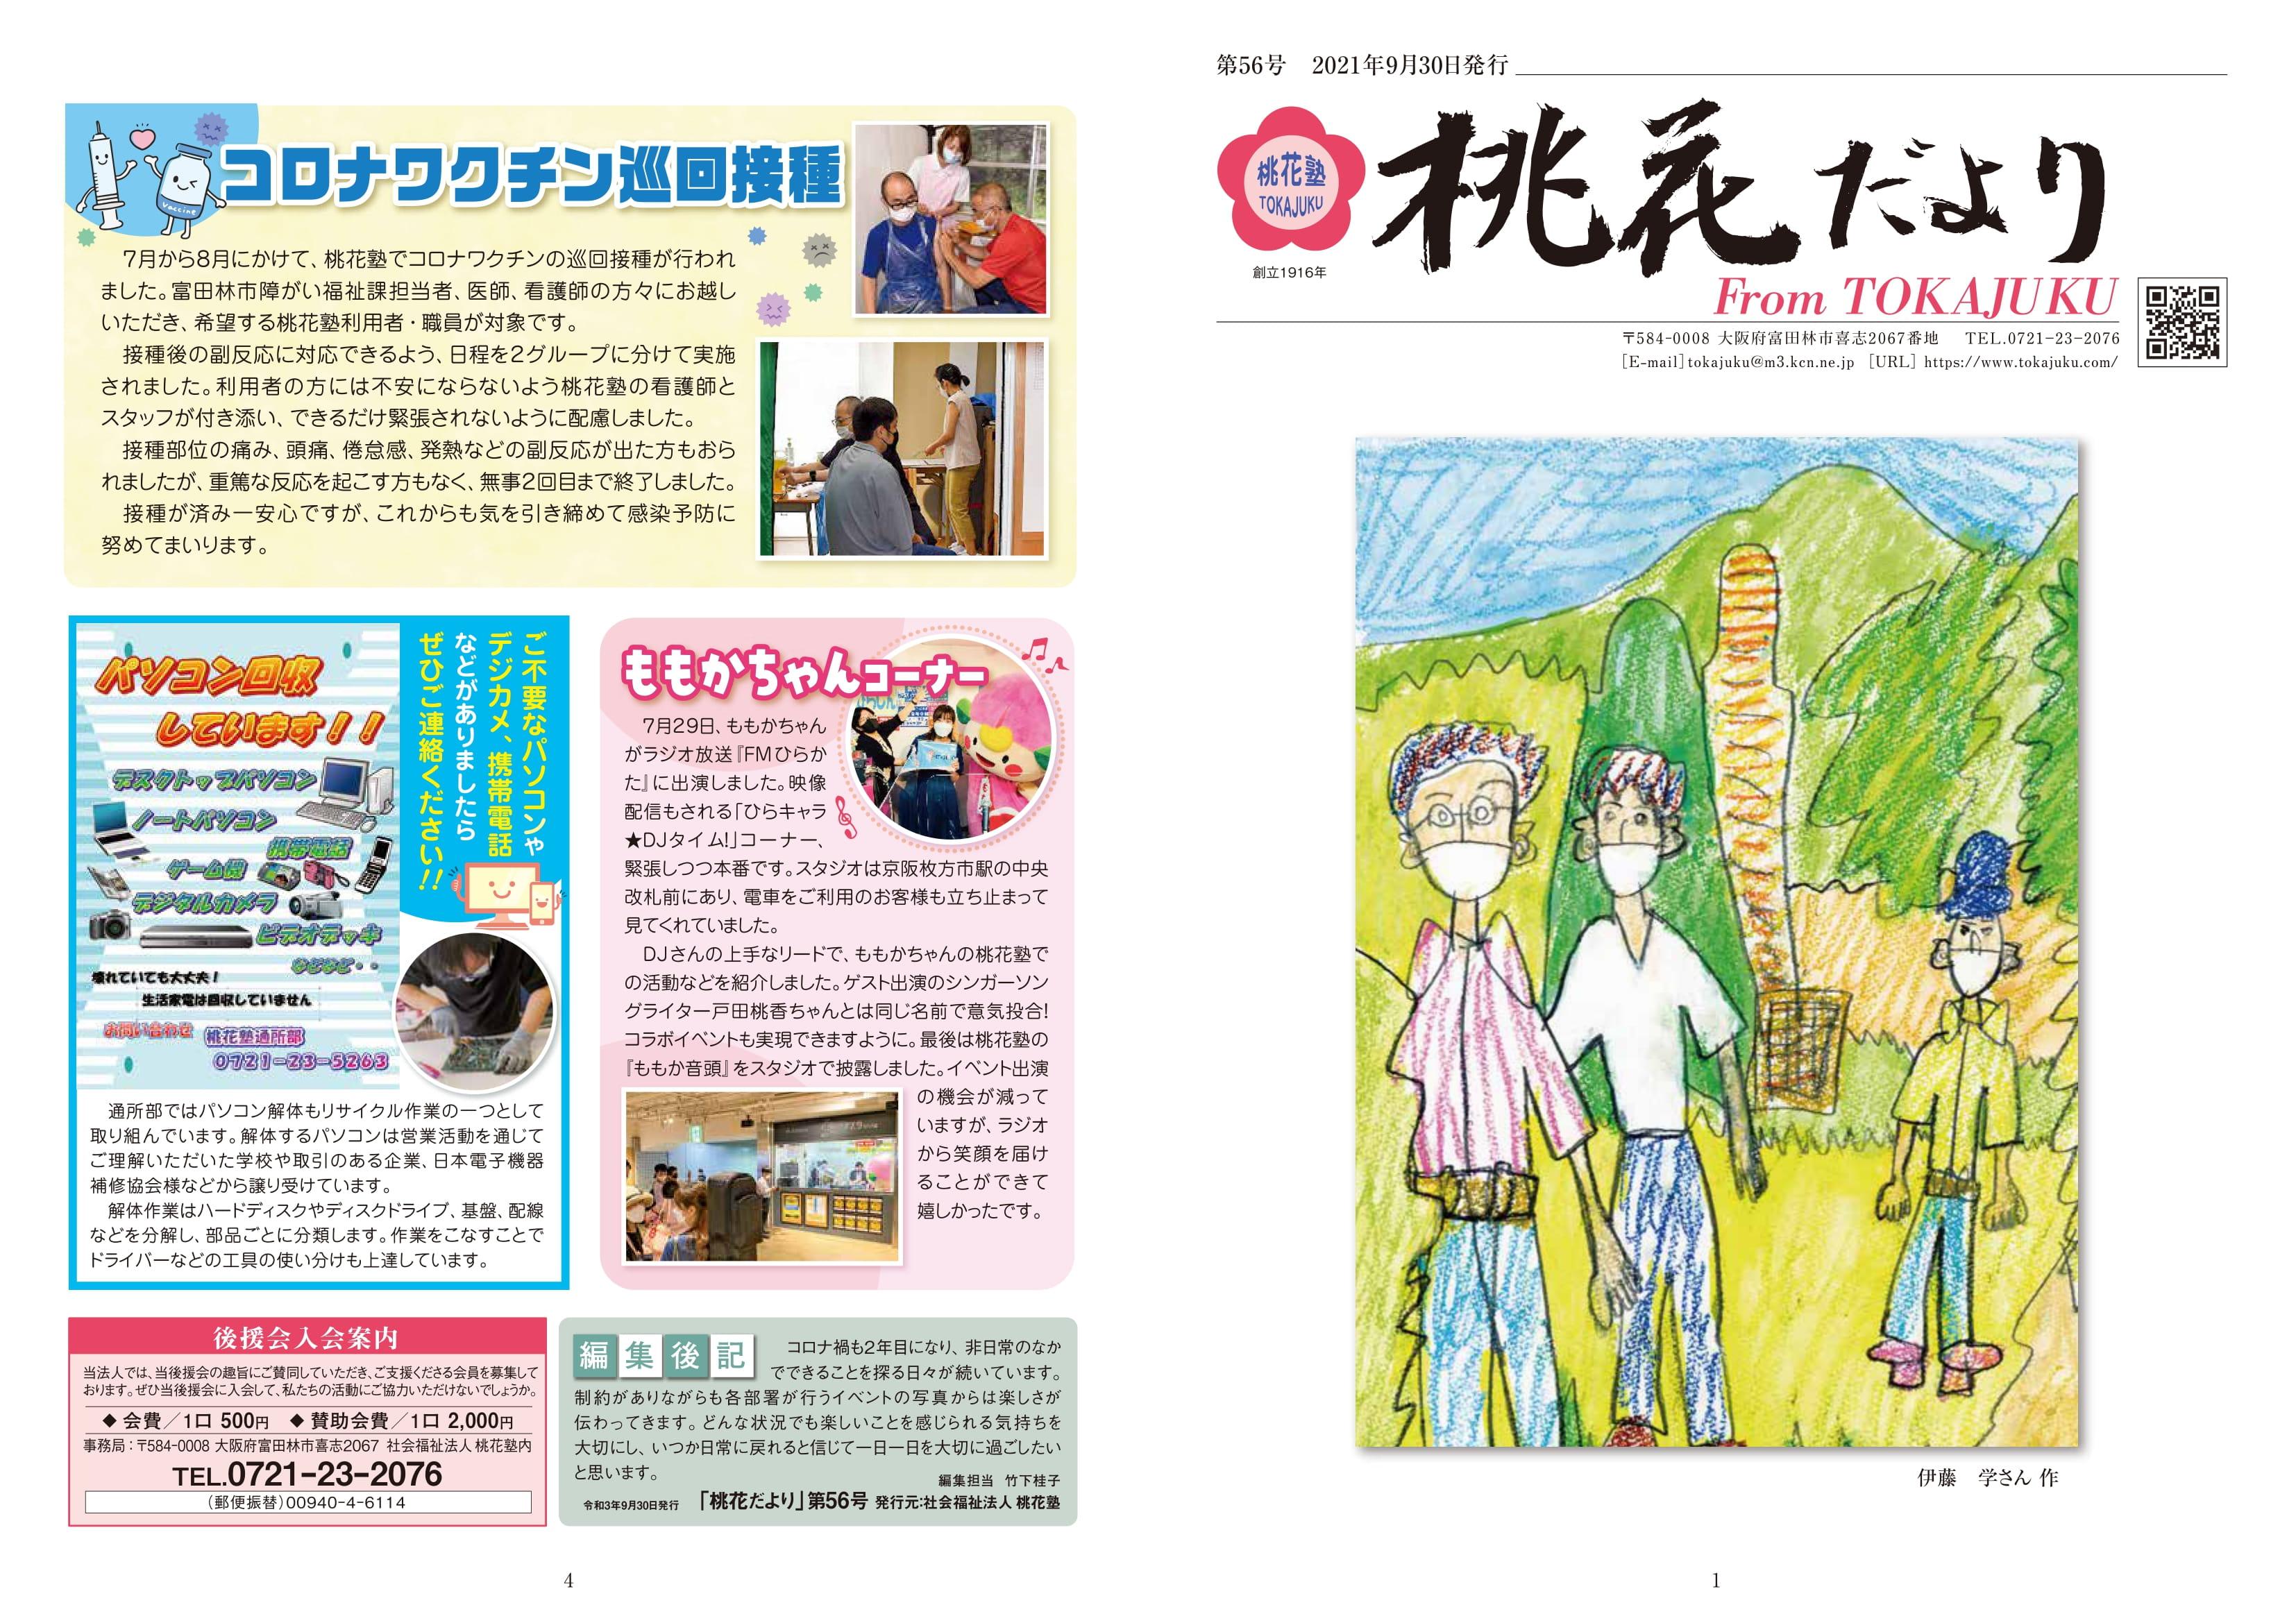 『桃花だより』第56号 2021年9月30日発行